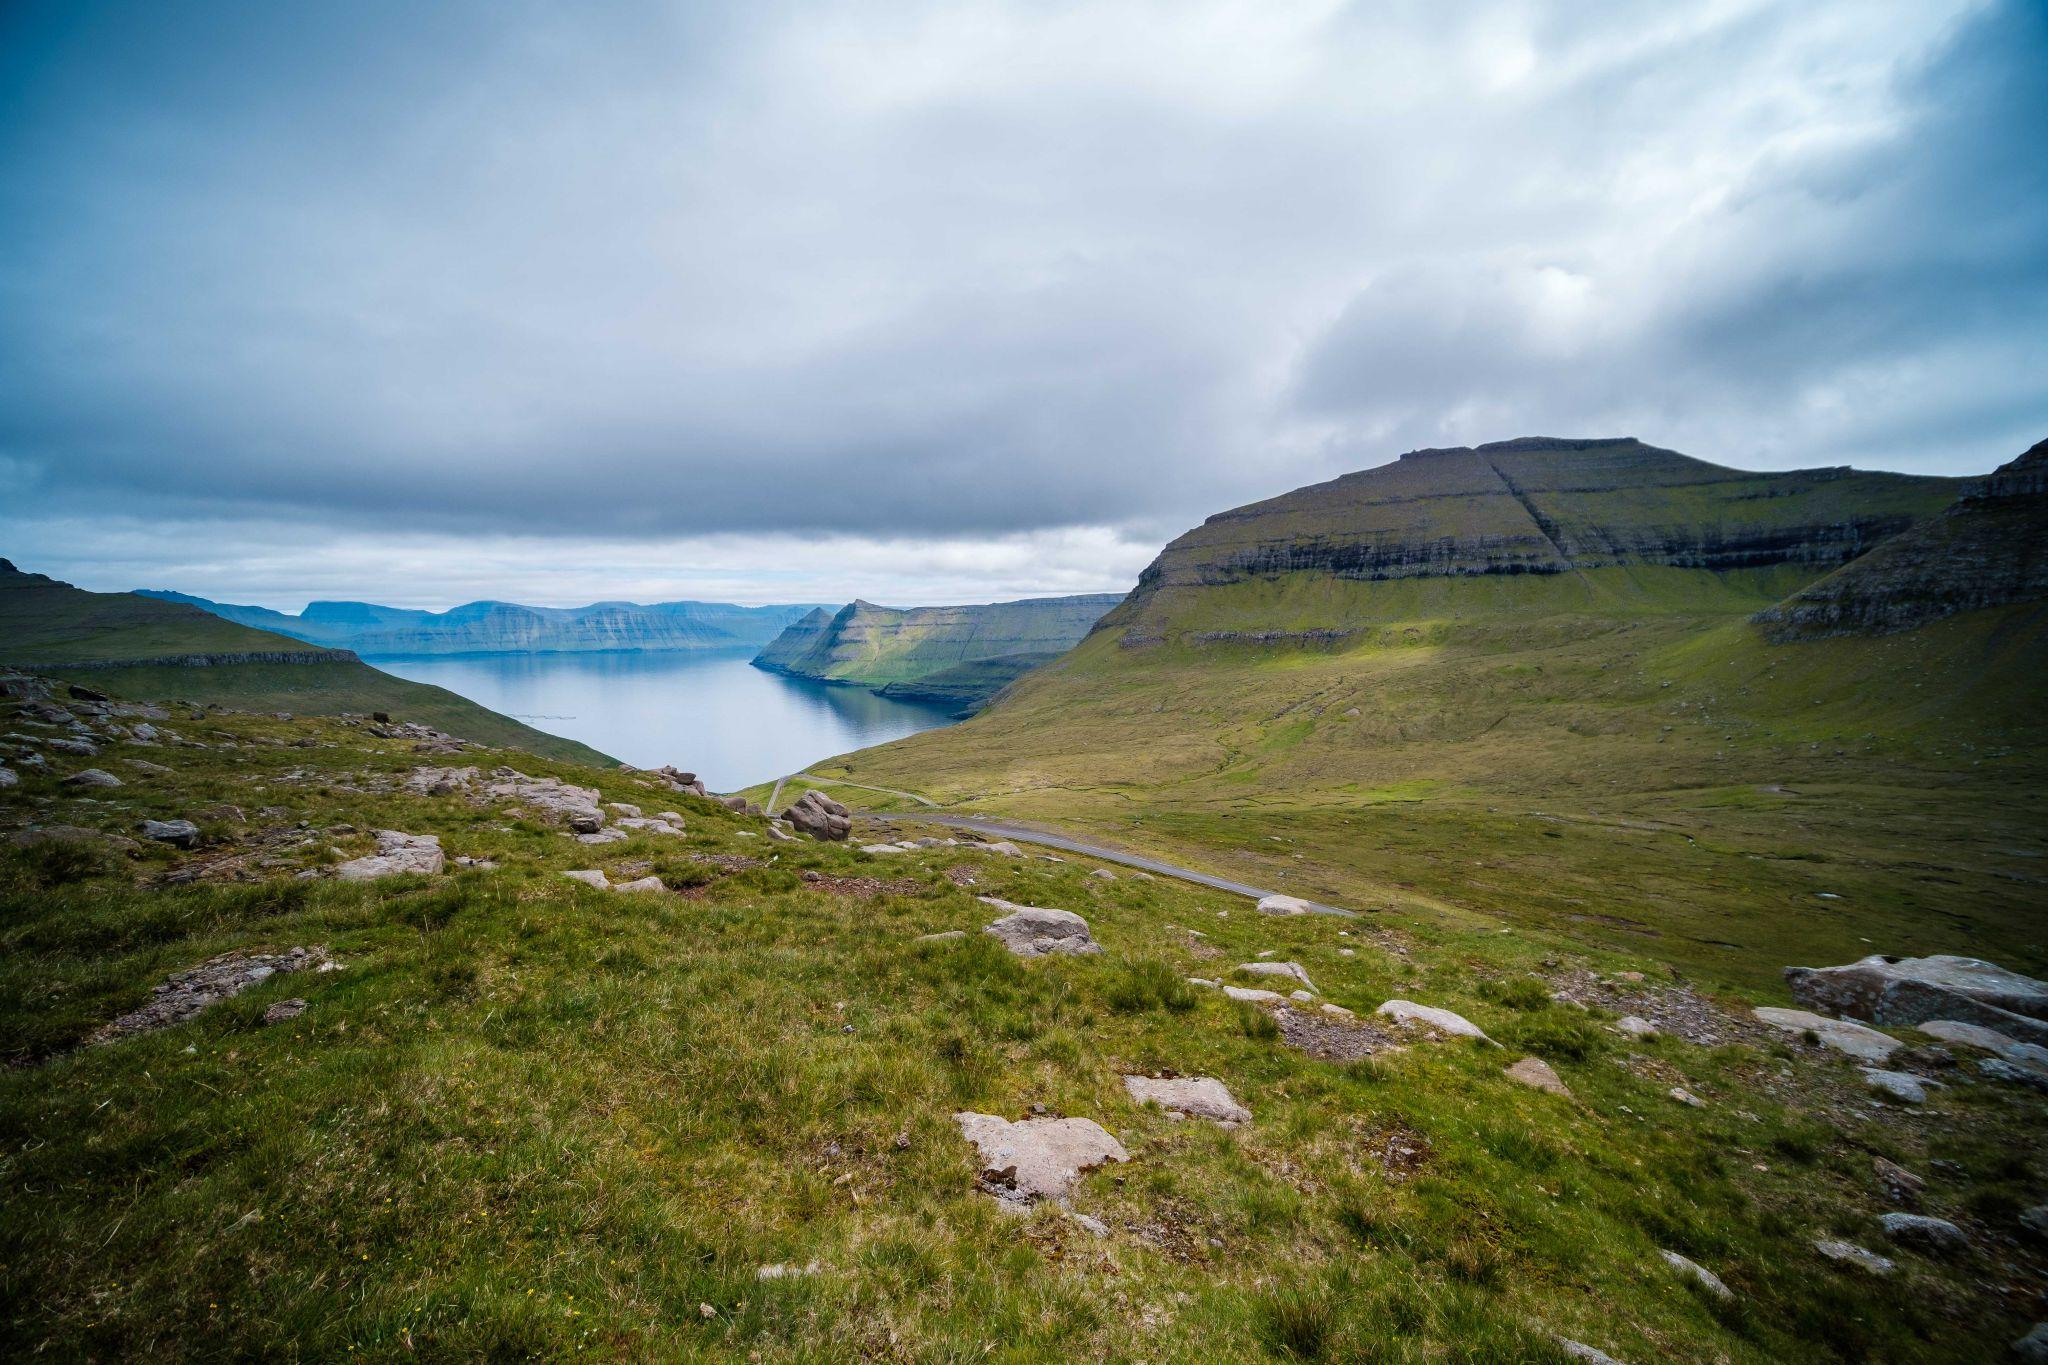 Fjordview, Faroe Islands